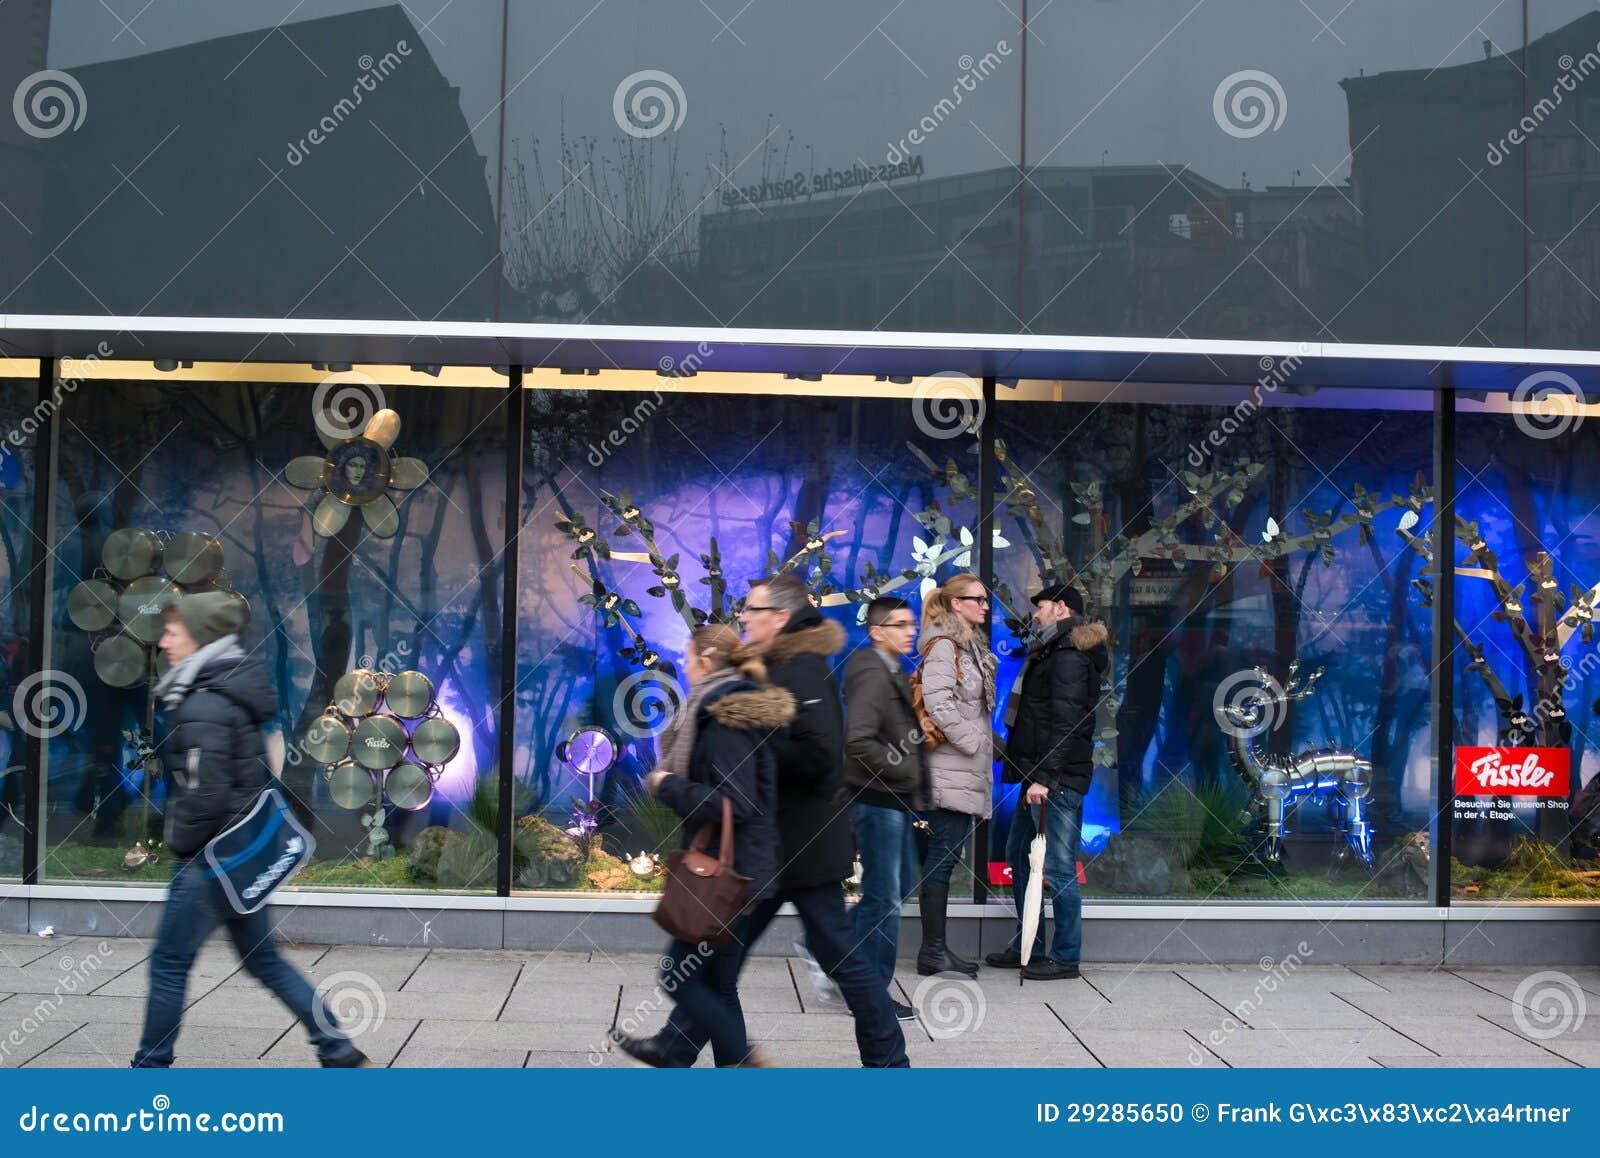 Creatieve shopwindow van fissler decoratie redactionele afbeelding beeld 29285650 - Afbeelding van decoratie ...